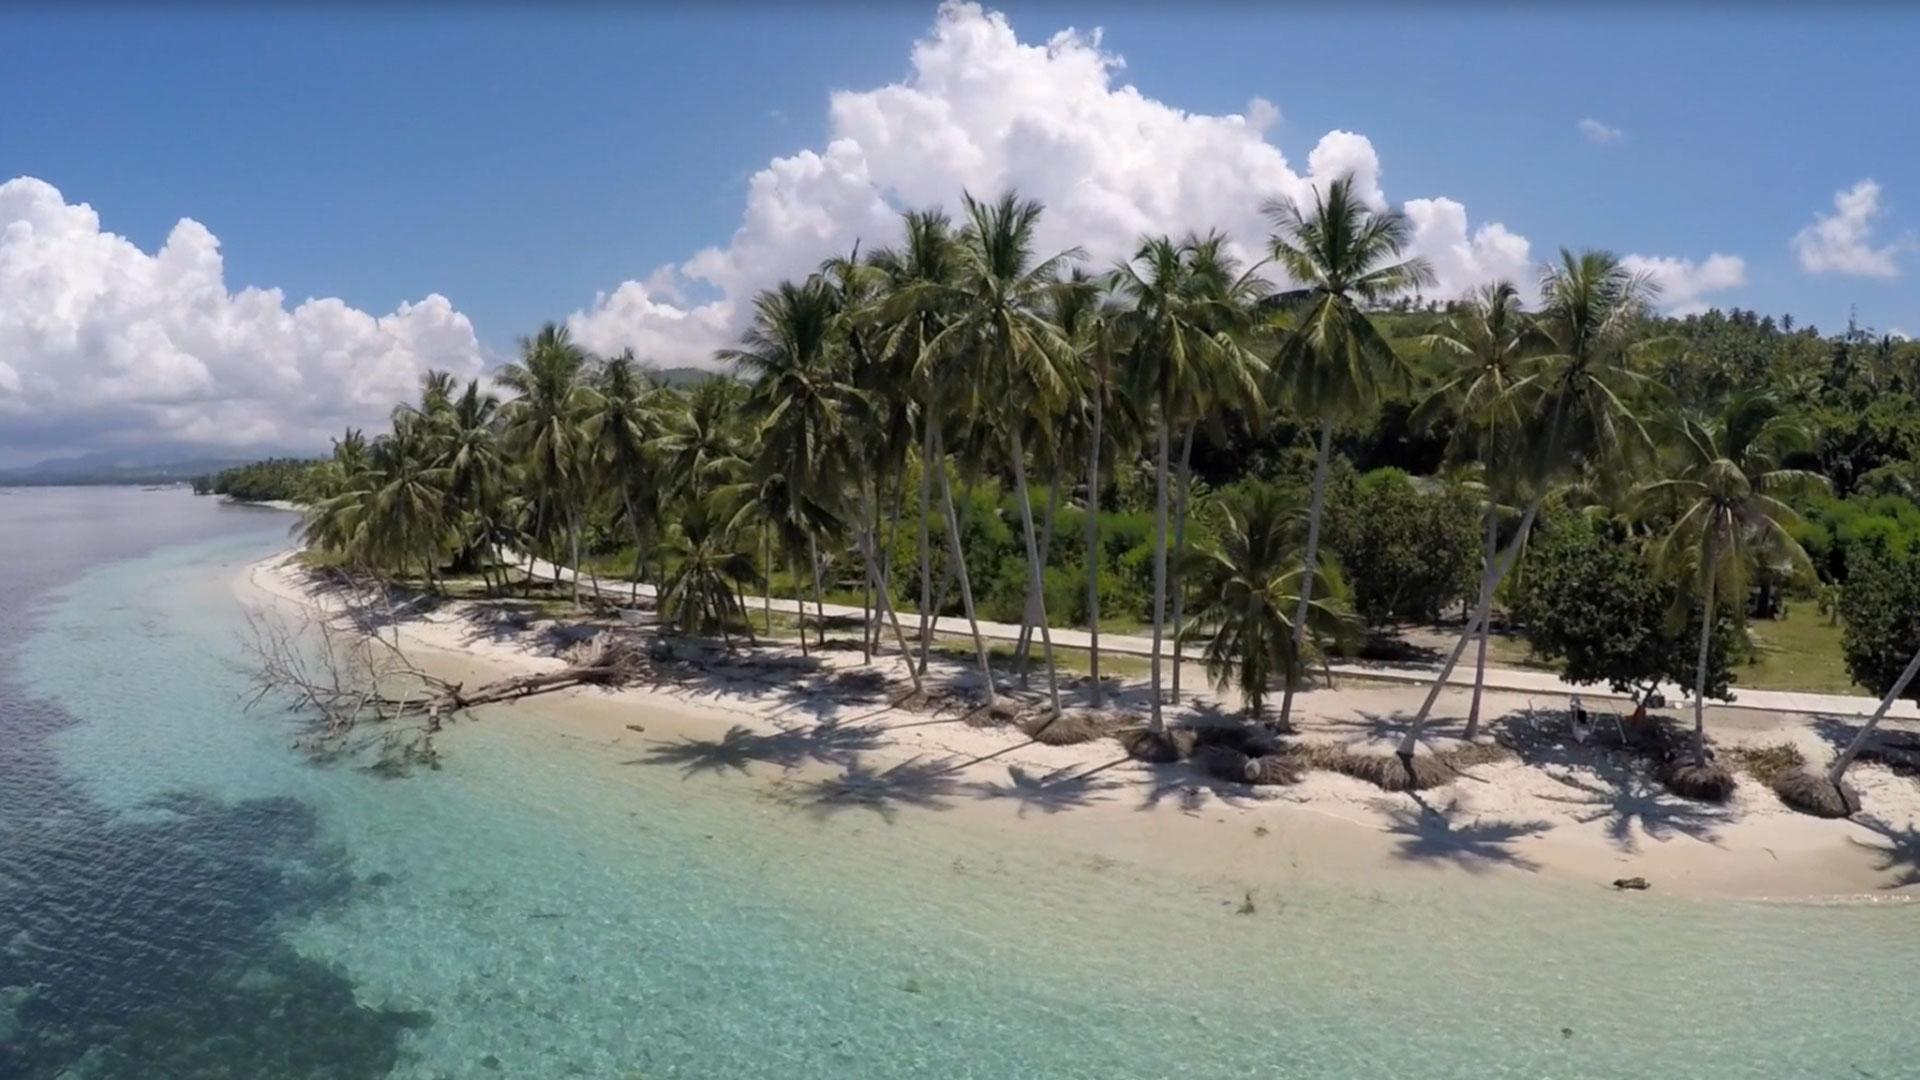 Palippis Pantai Kab Polewali Mandar